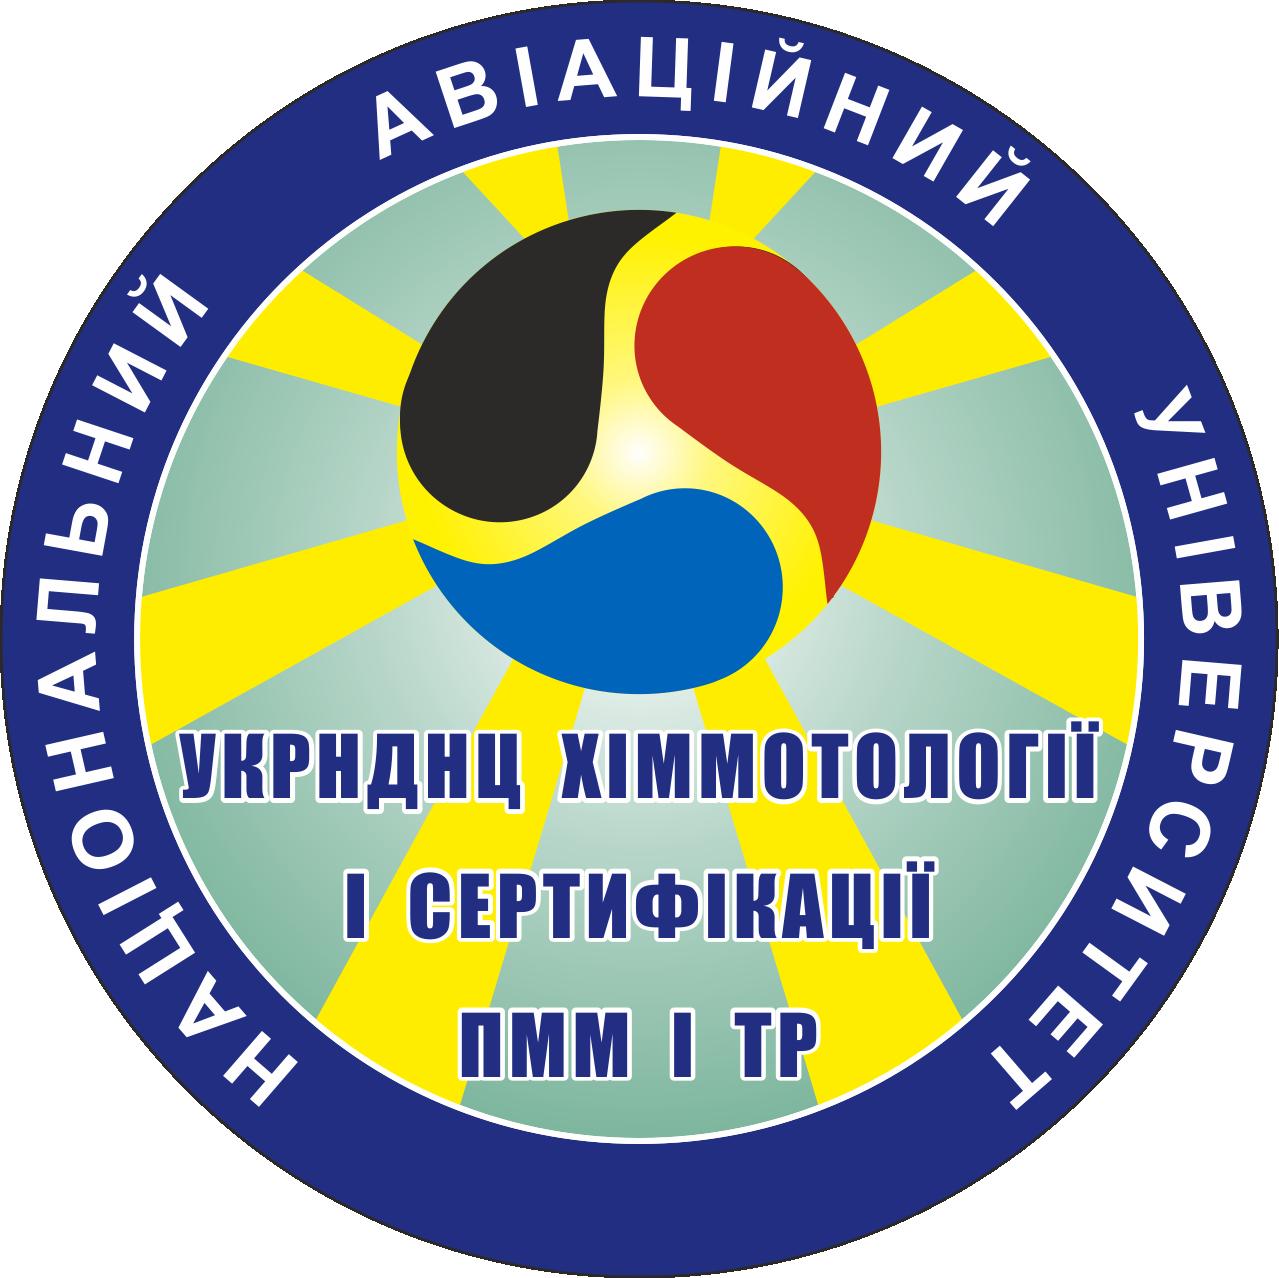 УкрНДНЦ хіммотології і сертифікації ПММ і ТР